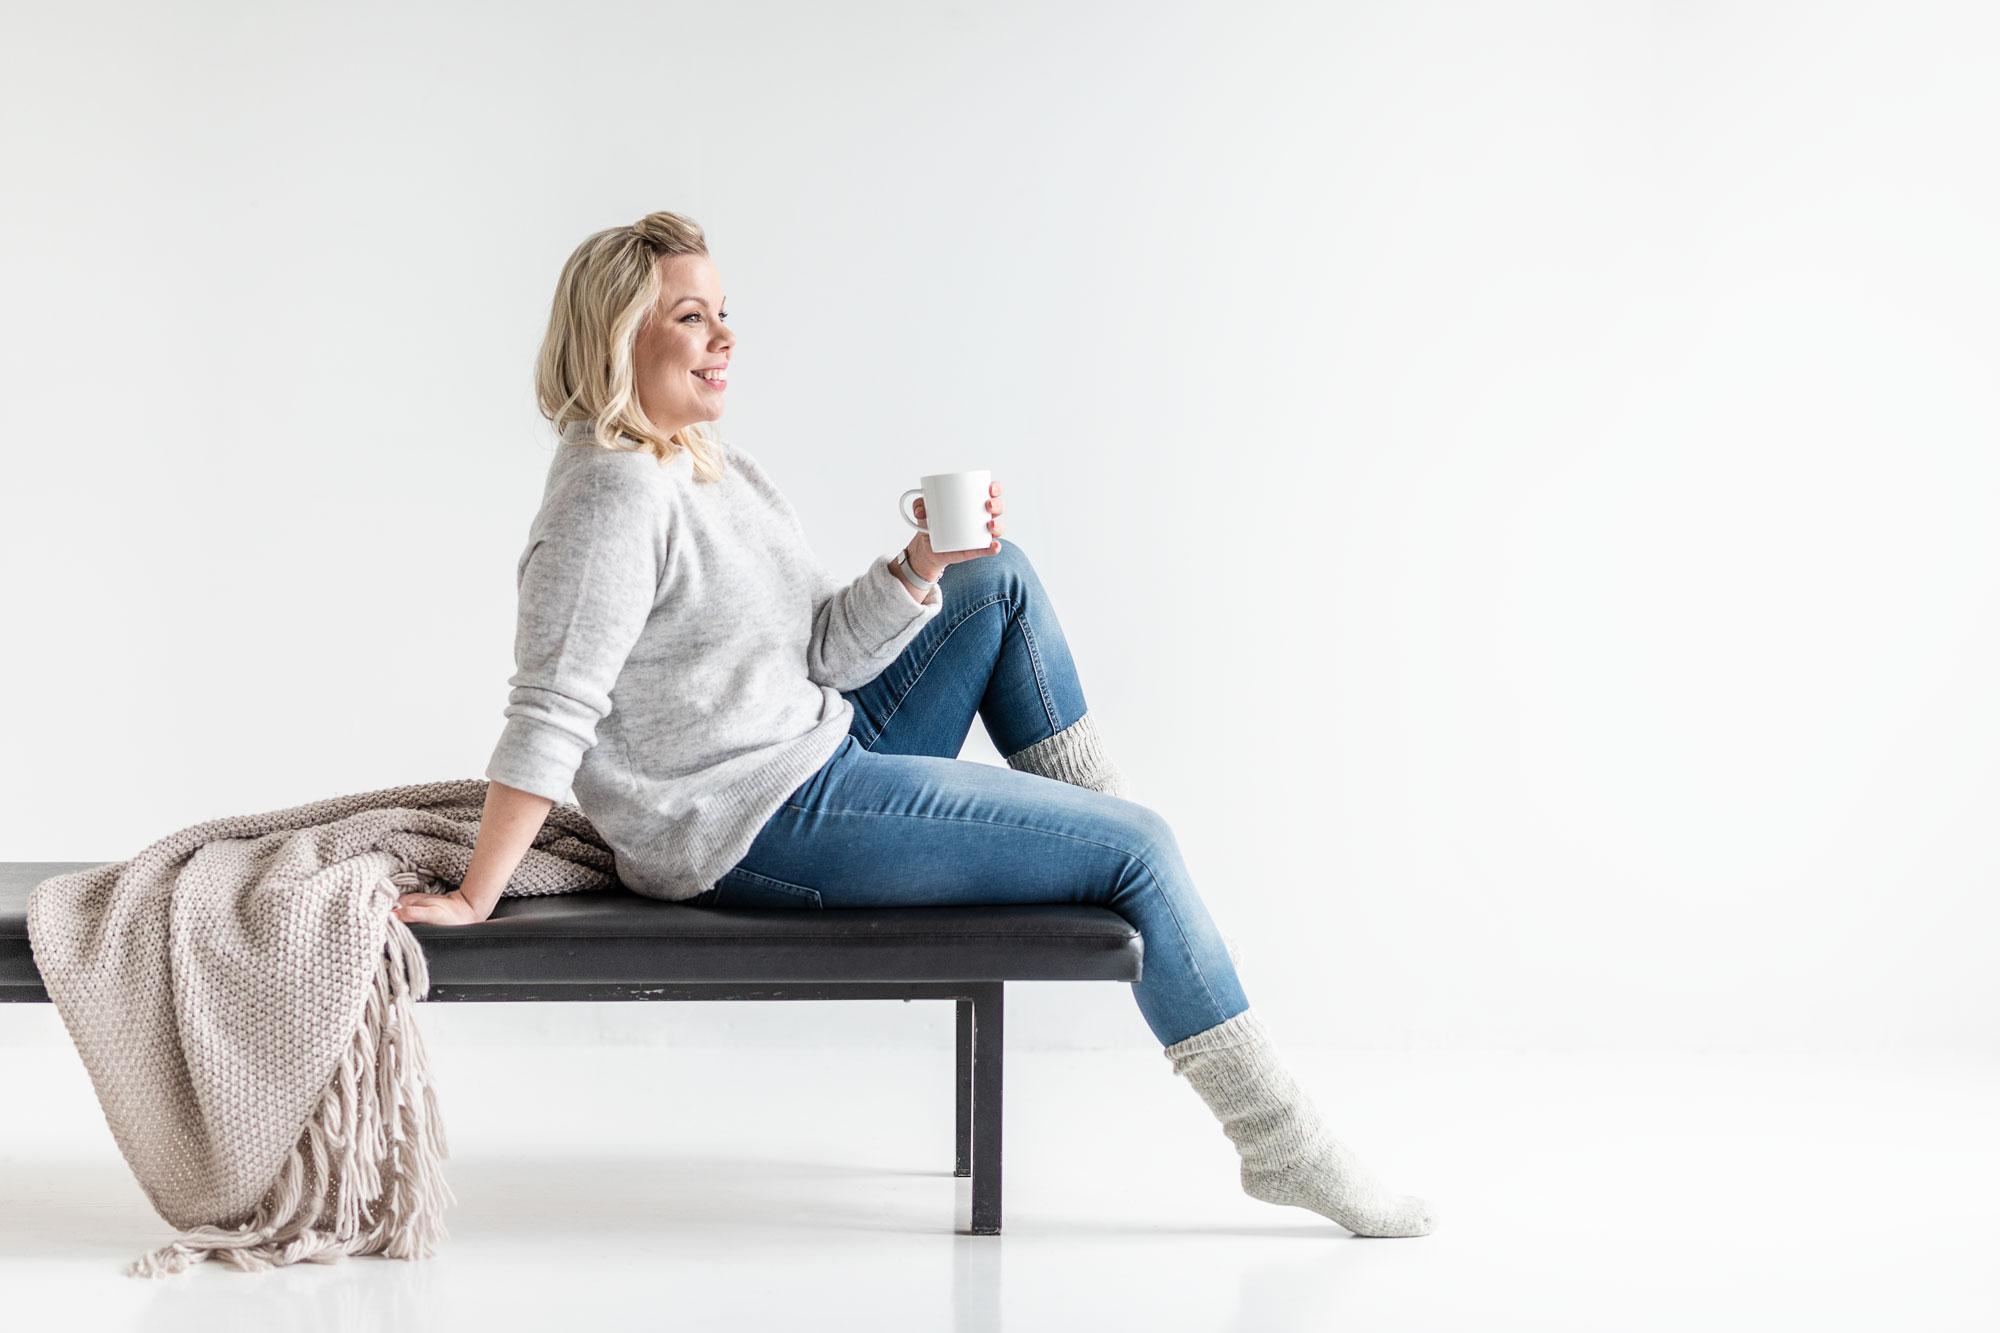 Modernisti kodikas bloggaaja Kerttu Pylvänäinen